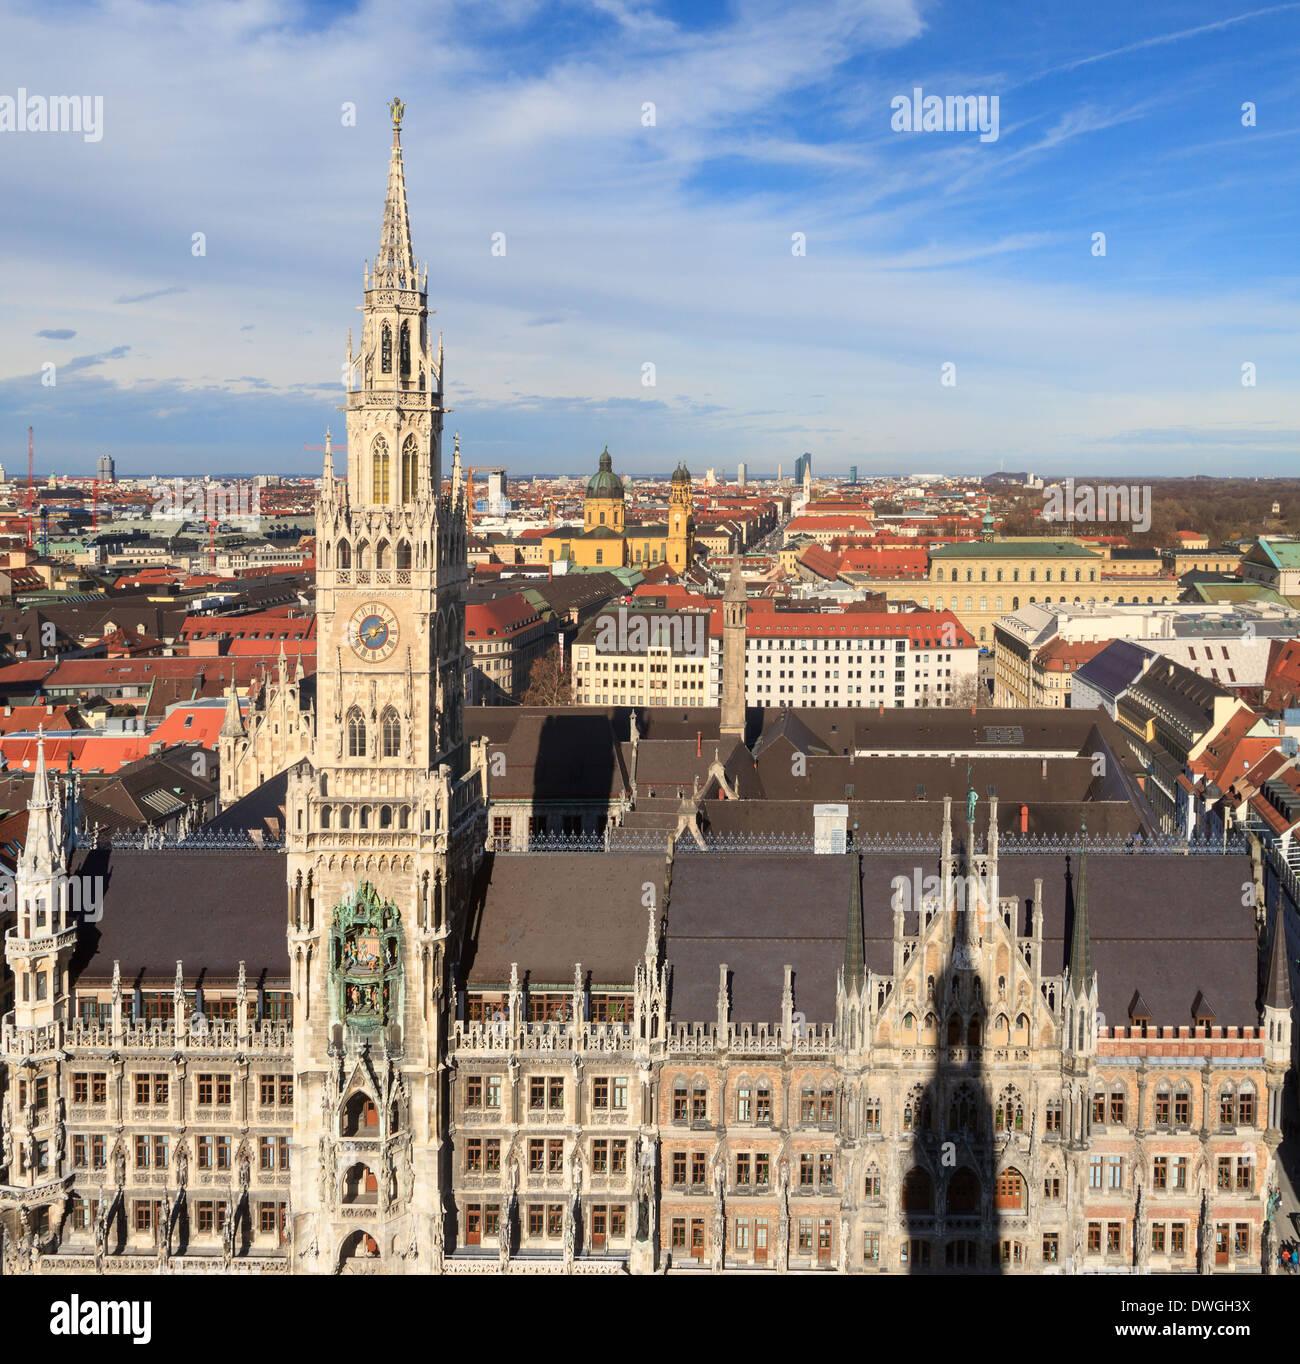 Monaco di Baviera, gotico al Municipio di Marienplatz, Baviera, Germania Immagini Stock